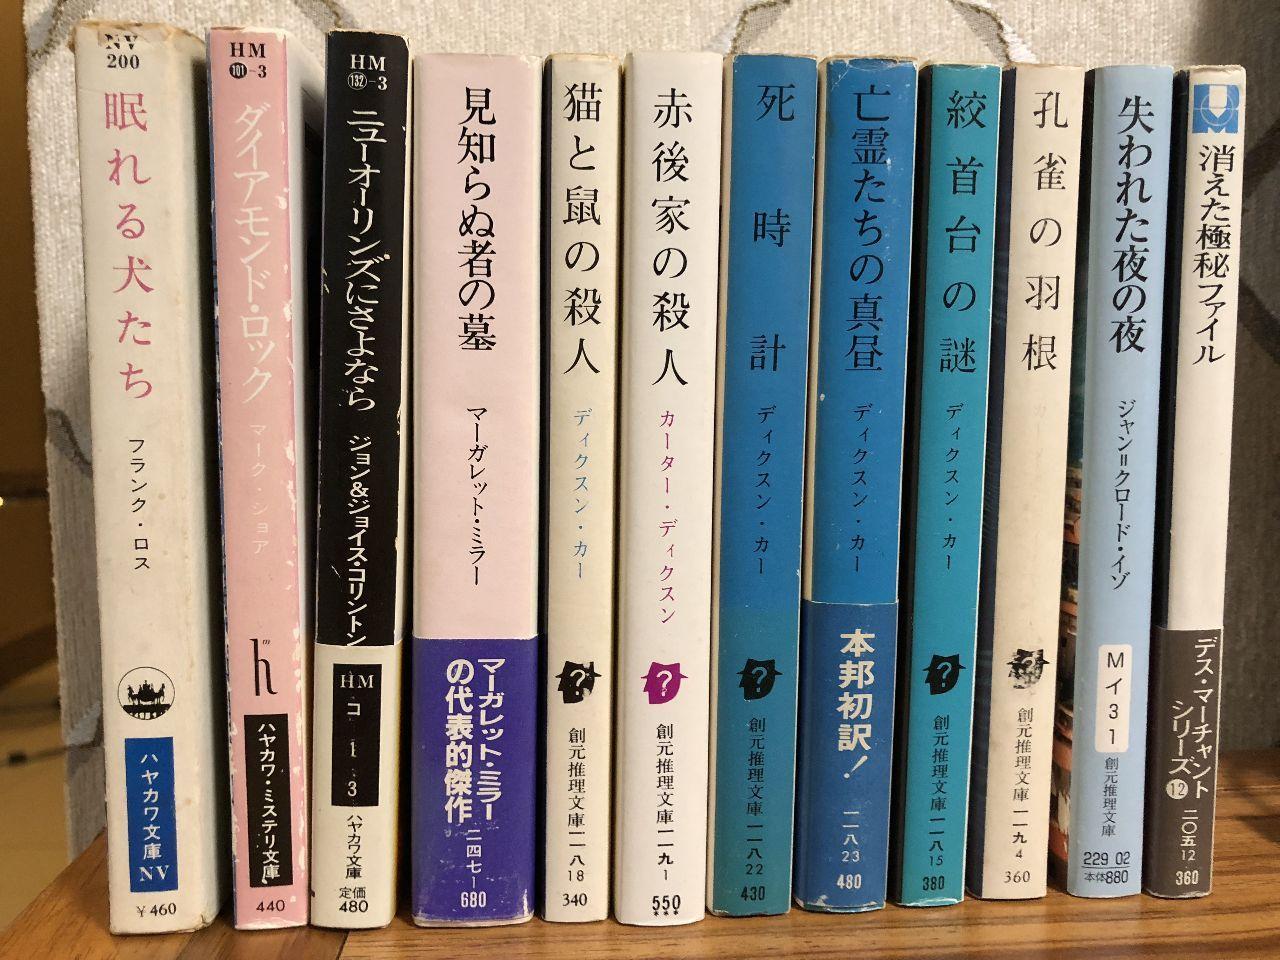 ☆★「海外ミステリー」を語ろう★☆ 会議参加のため、二泊三日の慌ただしい日本出張を強行し、さきほど珠海のアパートに戻ってきました。 日本